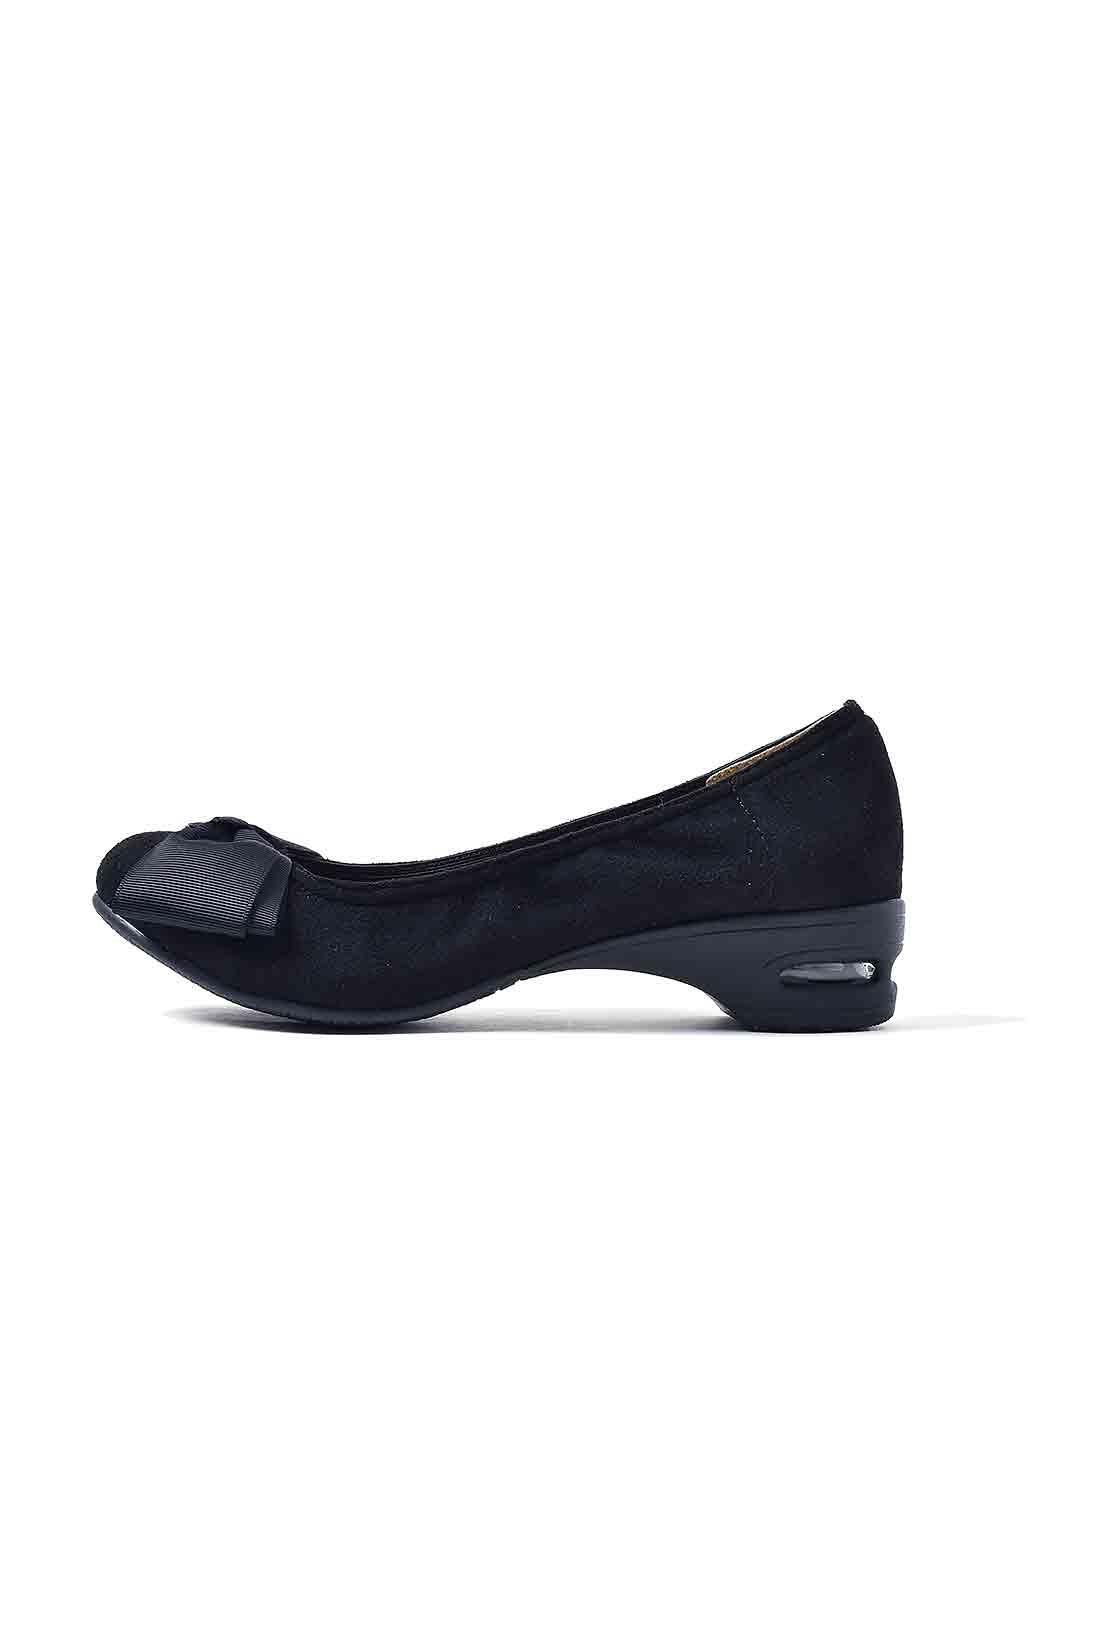 歩きやすさと美脚を同時にかなえる、無敵の約3.5cmヒール。